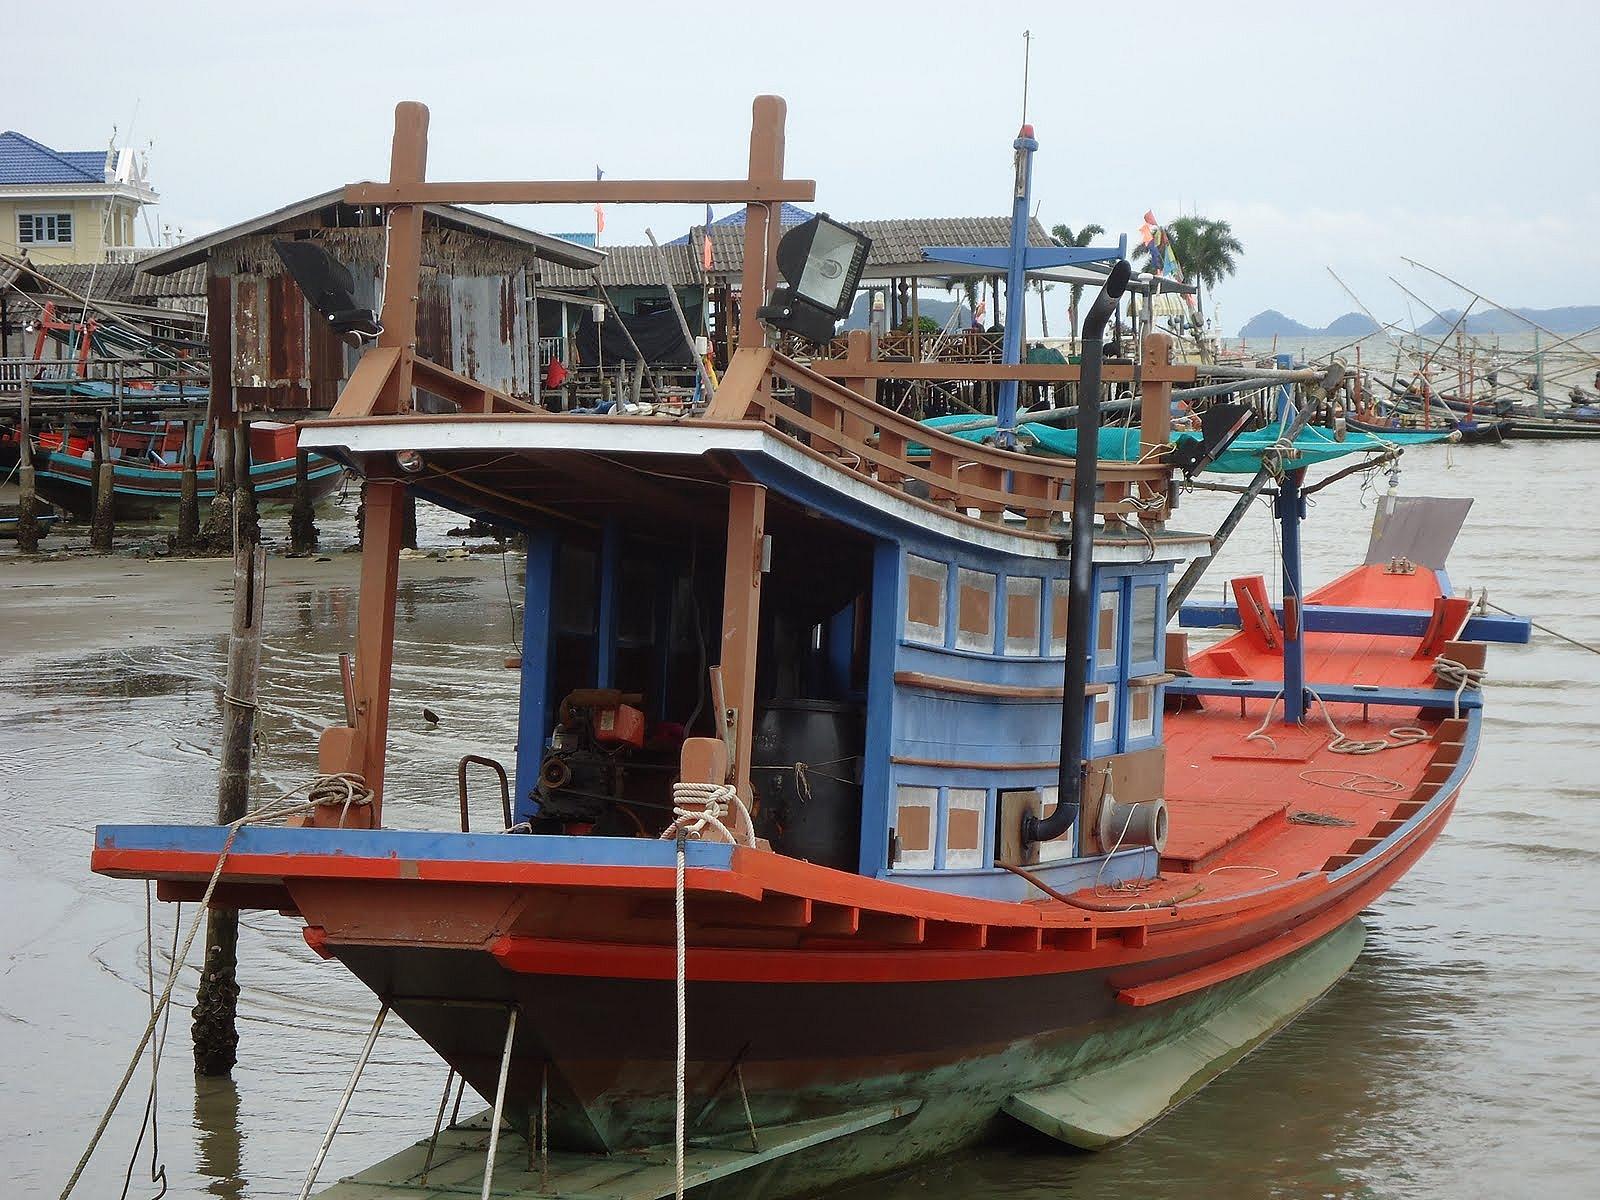 หาเรือตกปลาบางเสร่ พัทยาครับ ไปเช้า เย็นกลับ ลงเรือ 5-6 คน ครับ